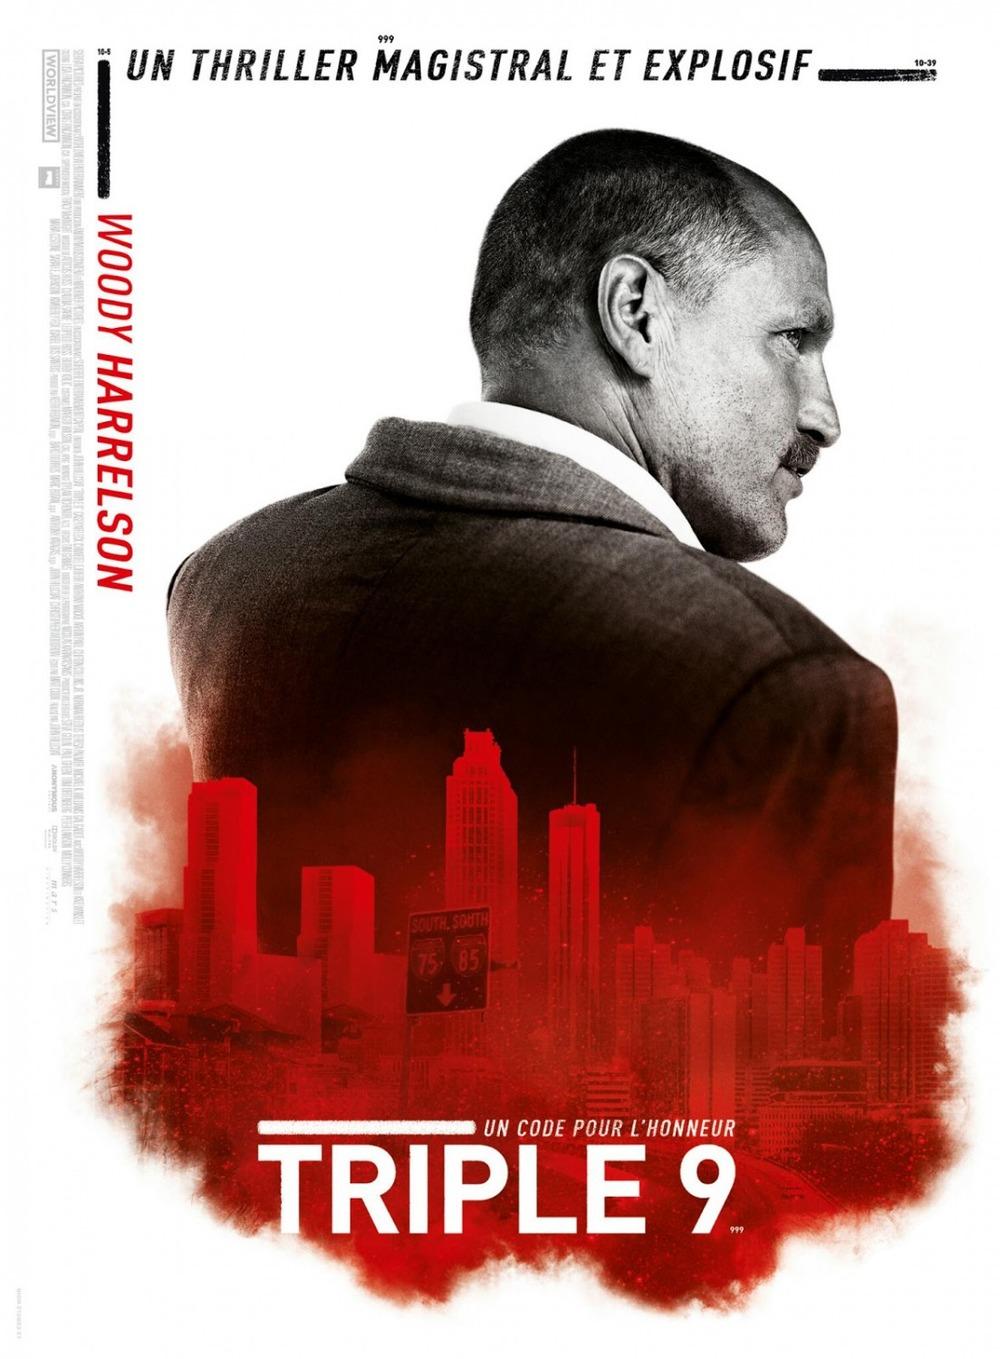 Tripel 9